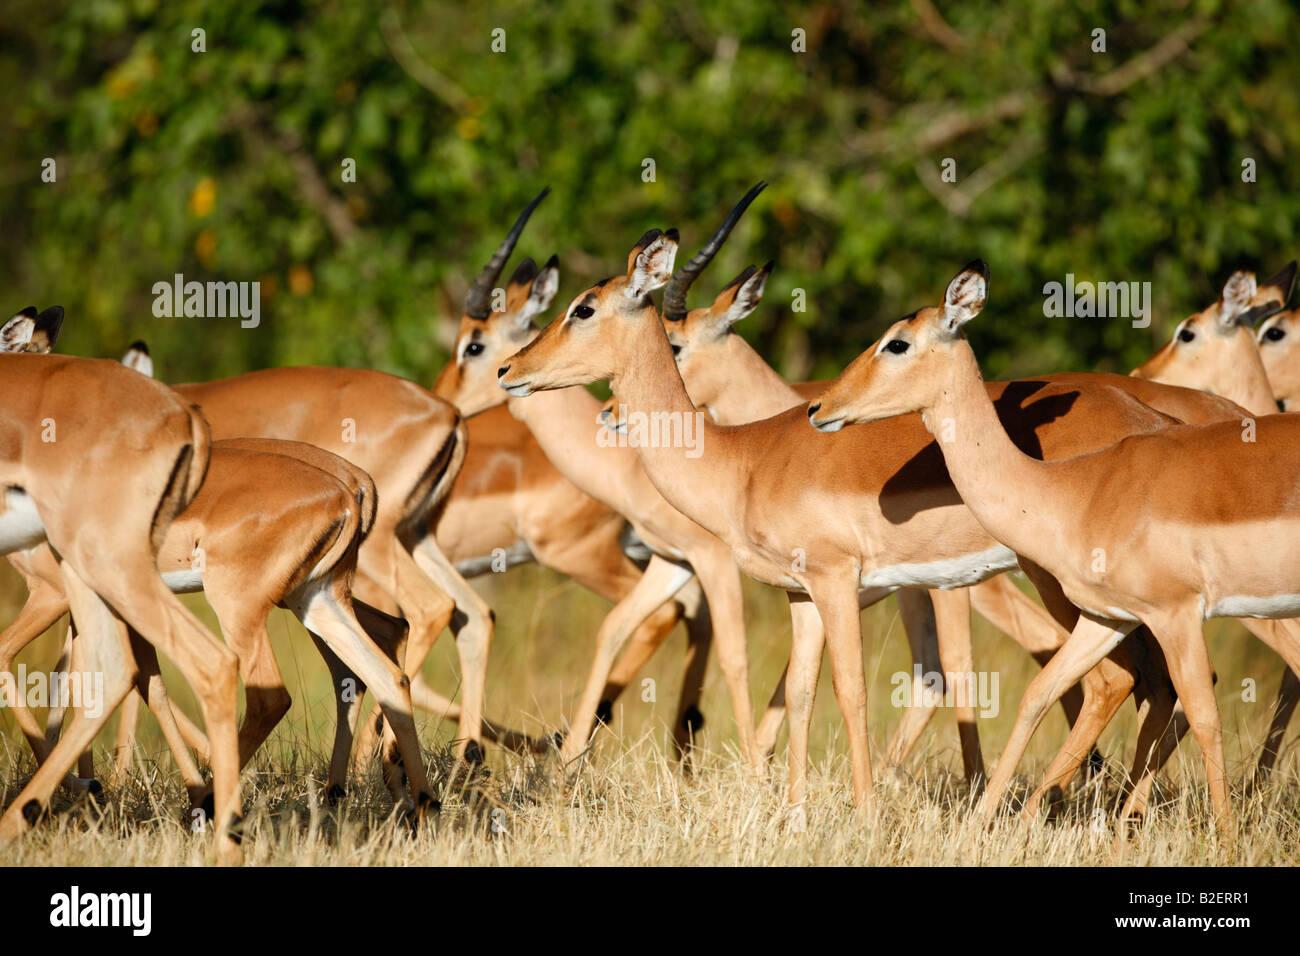 Girato a tenuta di un impala allevamento con sub-adulto montoni e pecore a piedi Raggomitolati vicino insieme Immagini Stock